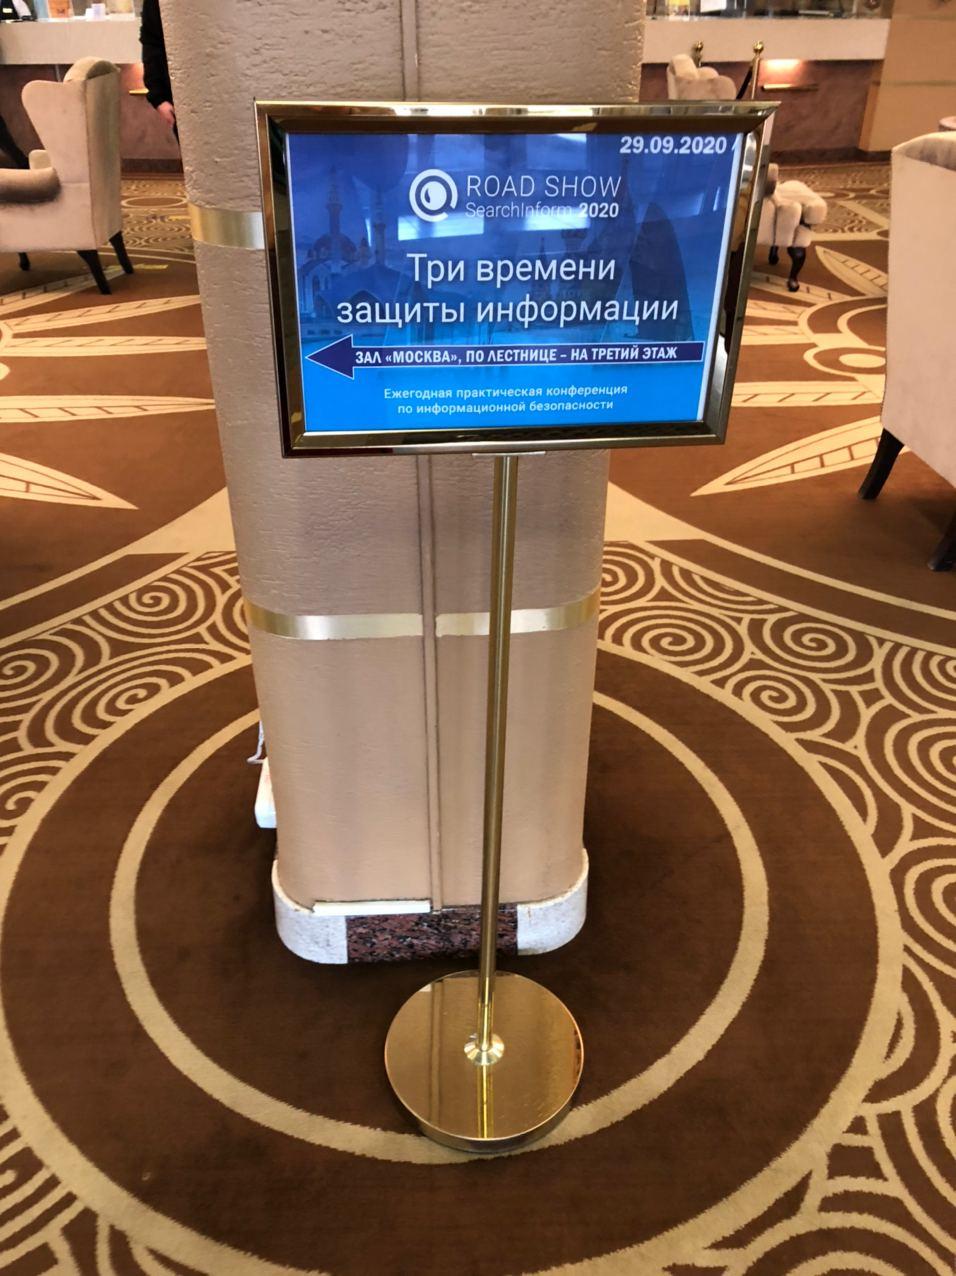 Кейсы, новые решения и смешанный формат участия – итоги Road Show SearchInform 2020